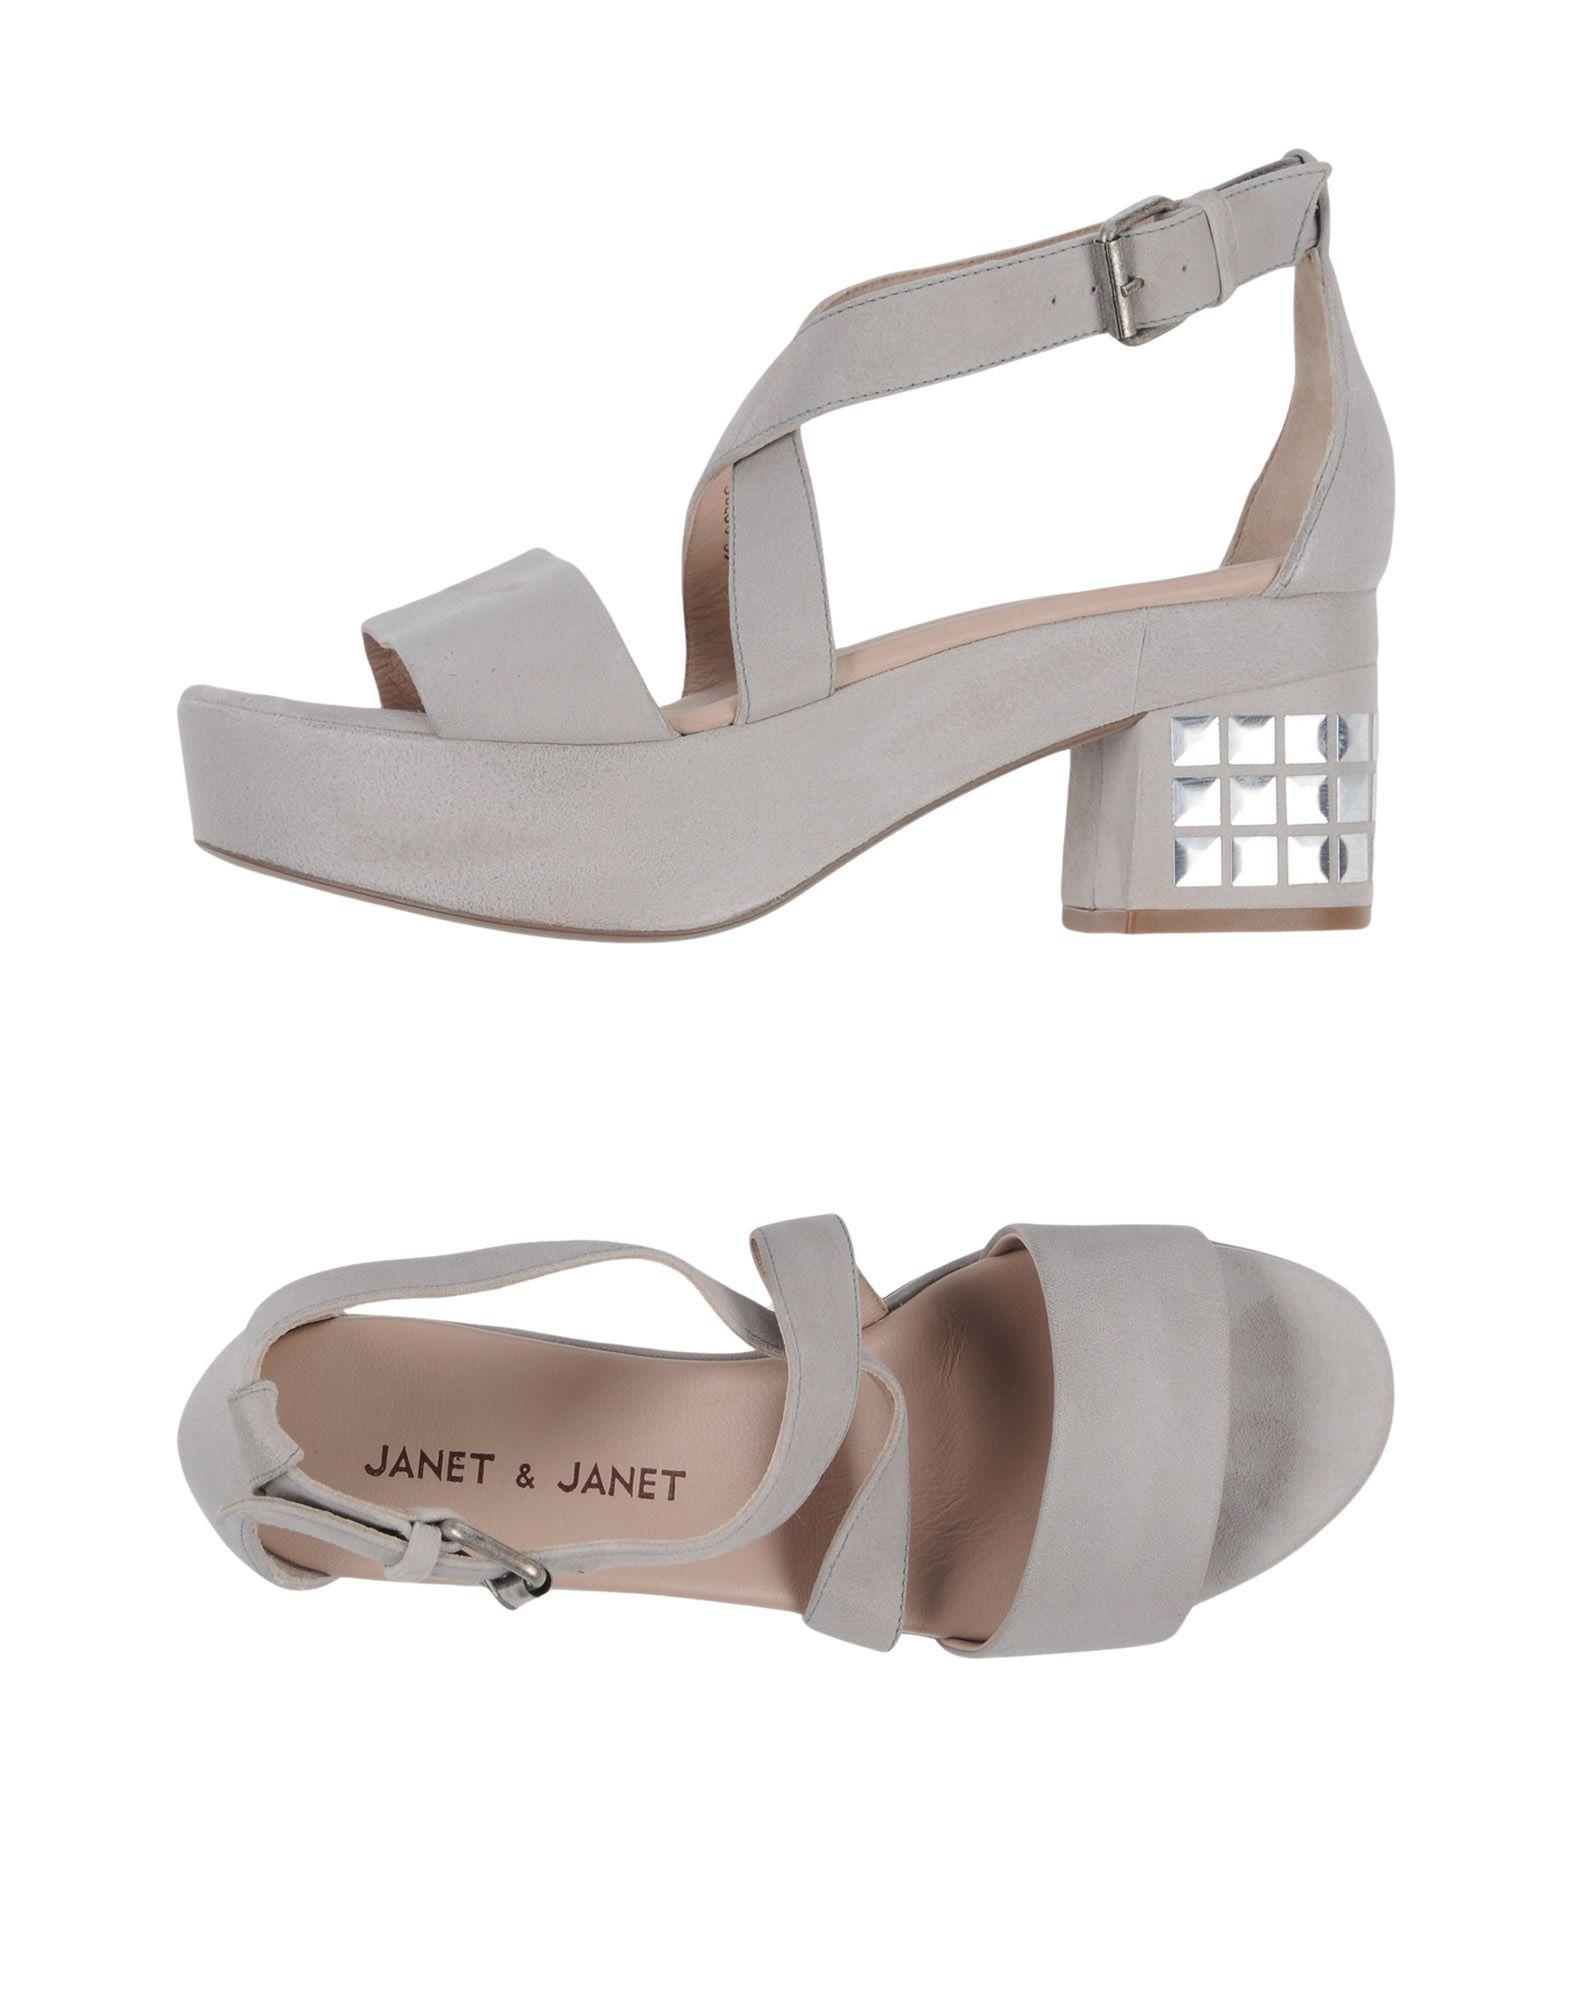 Sandales Janet & Janet Femme - Sandales Janet & Janet sur